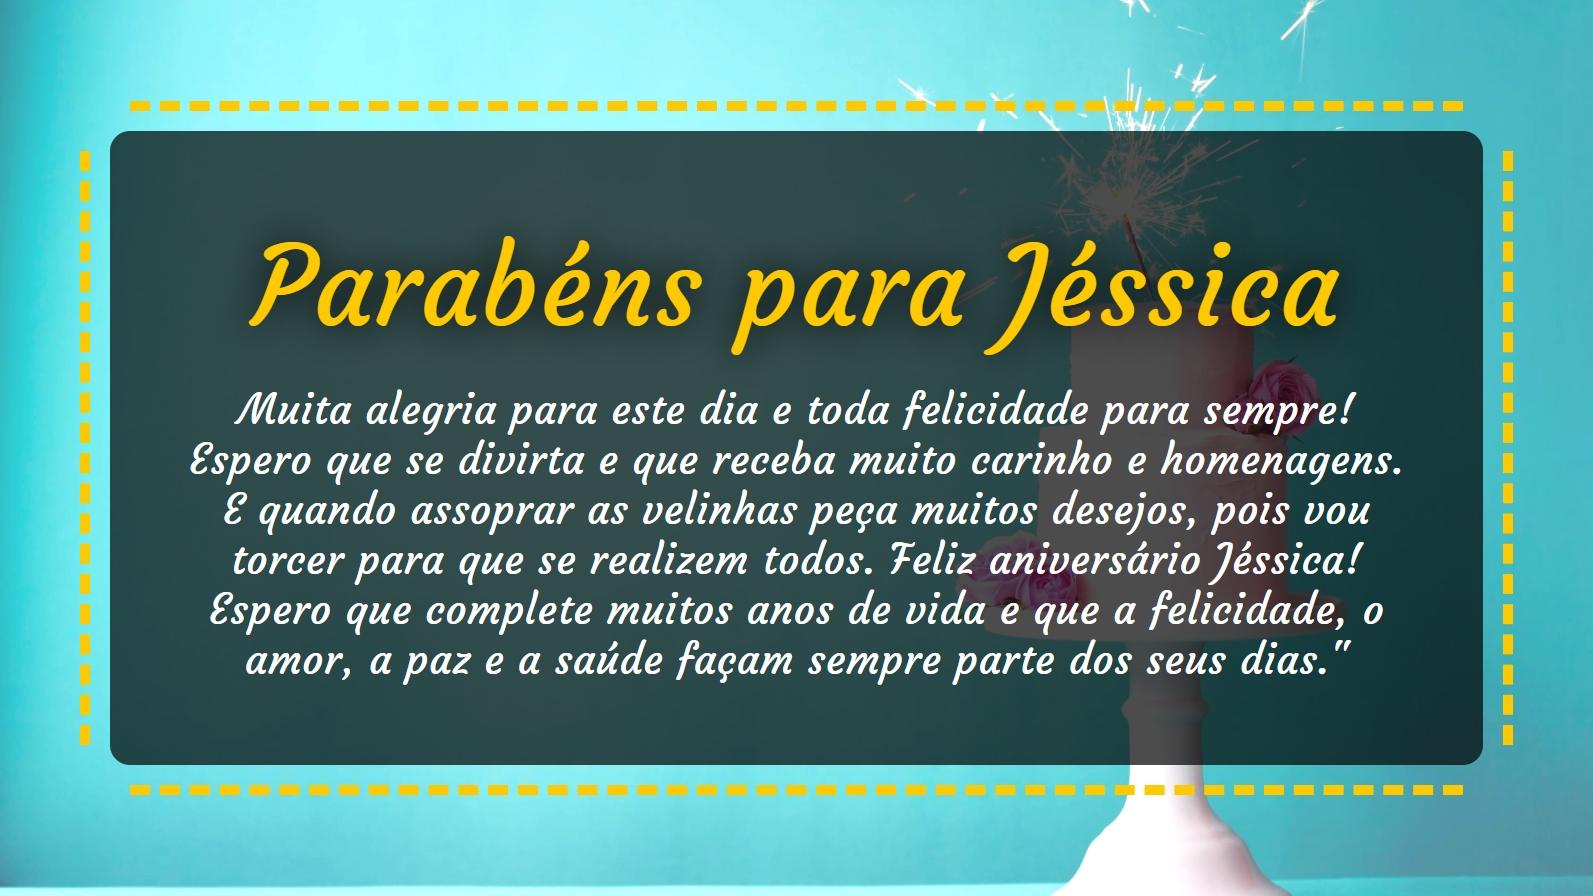 <p>Parabéns para Jéssica, muita alegria para este dia e toda felicidade para sempre! Espero que se divirta e que receba muito carinho e homenagens. E quando assoprar as velinhas peça muitos desejos, pois vou torcer para que se realizem todos. Feliz aniversário Jéssica! Espero que complete muitos anos de vida e que a felicidade, o amor, a paz e a saúde façam sempre parte dos seus dias.&#39;</p>